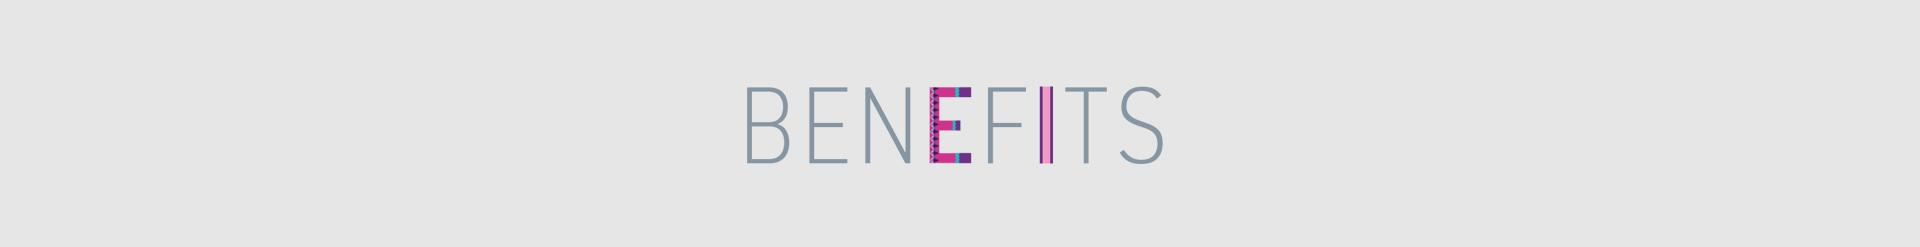 Confitex benefits banner